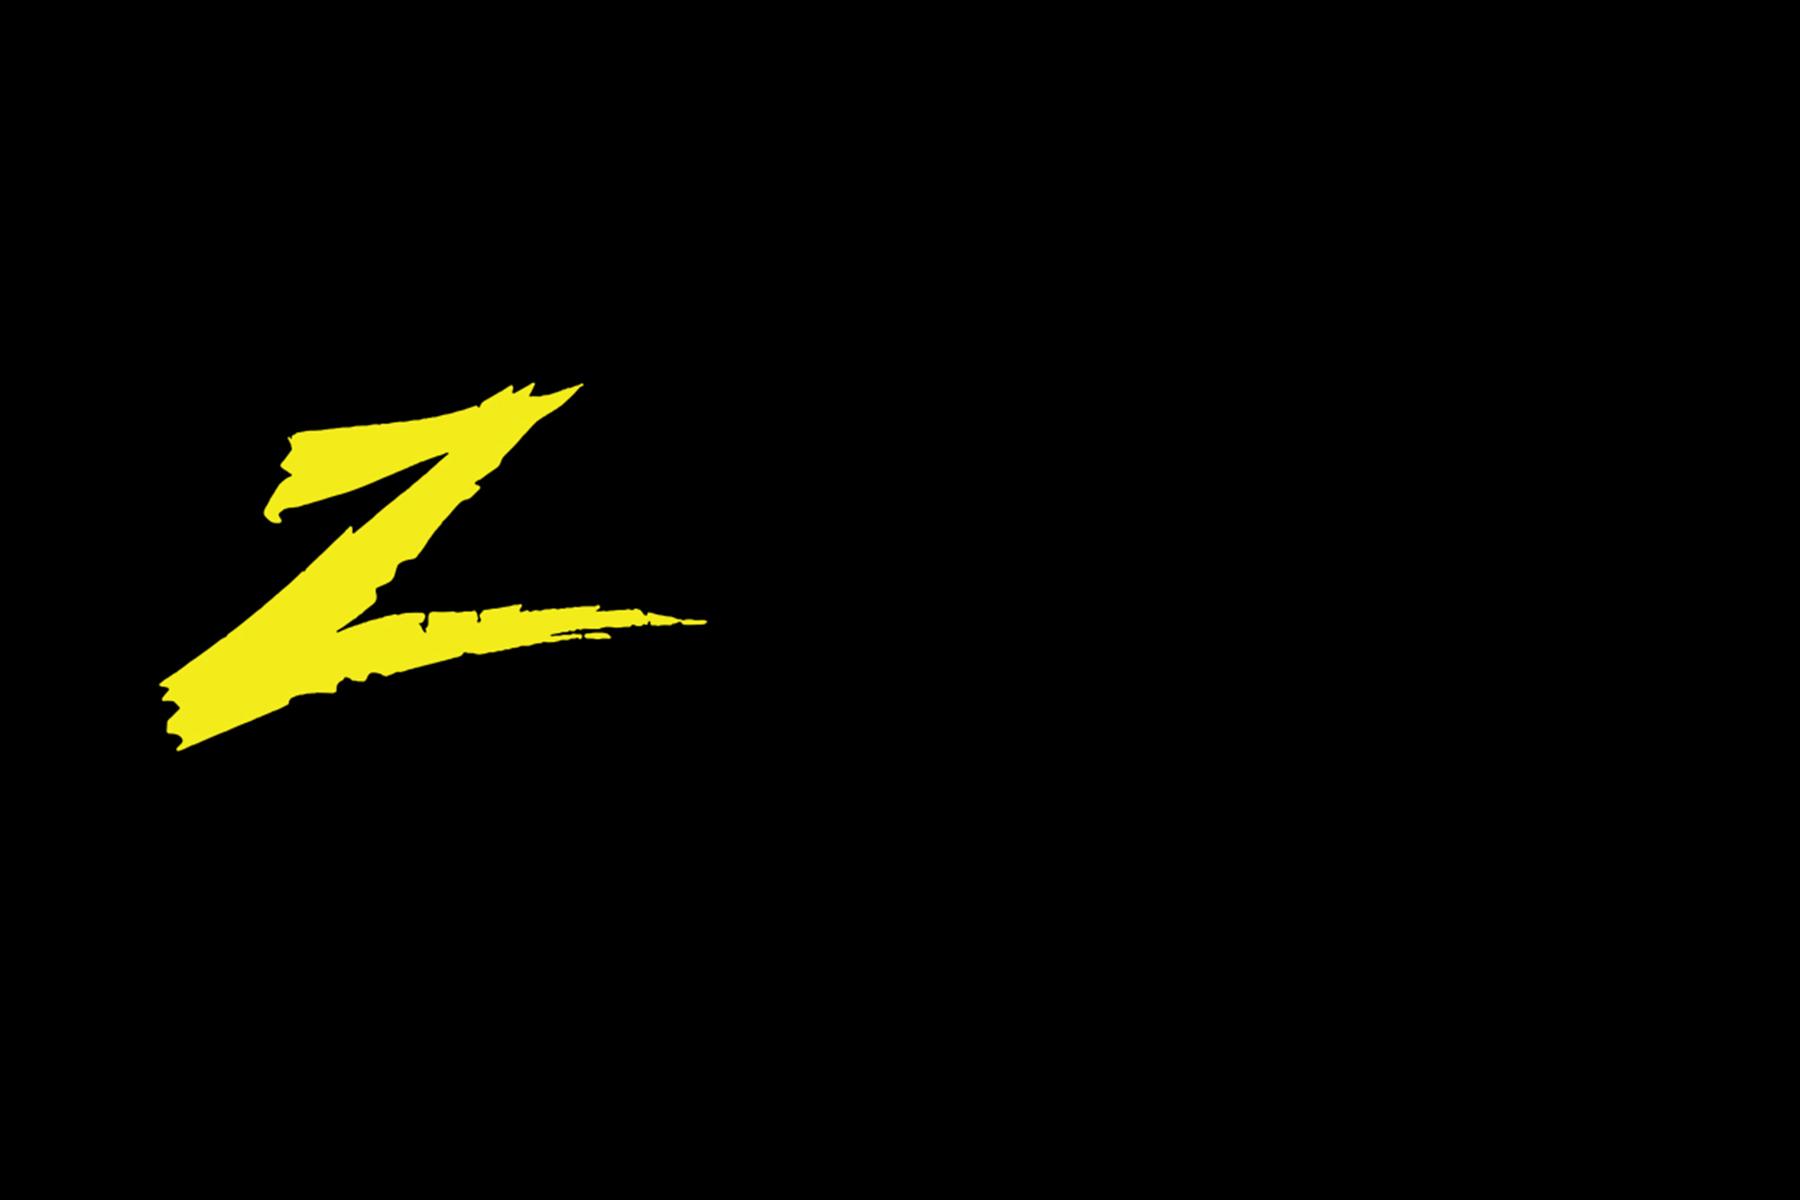 @thezradio